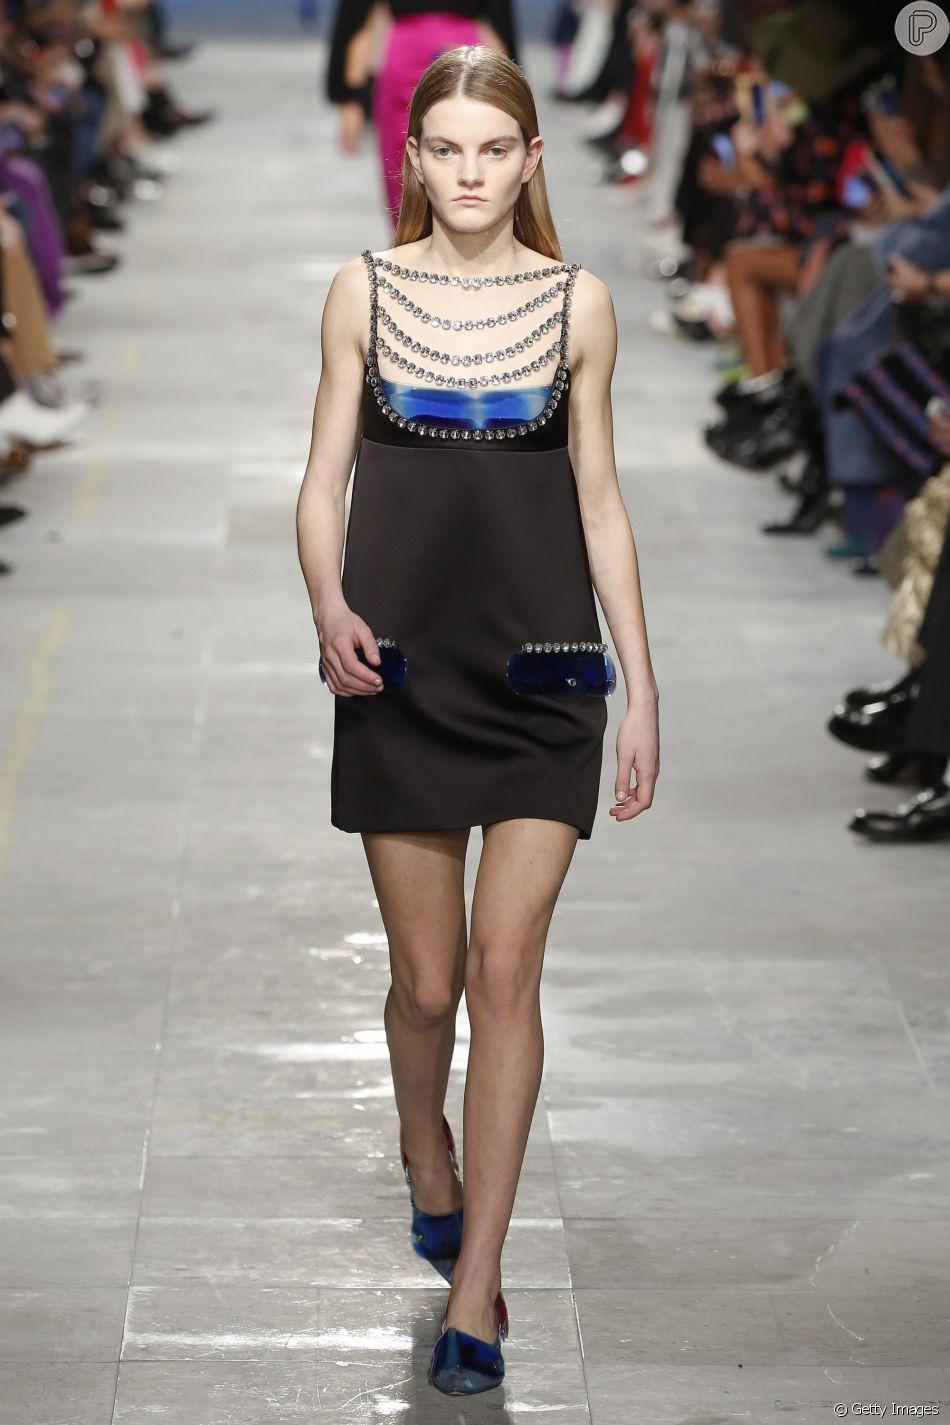 """c852aaa54 Acessórios como colares de strass pode dar um """"up"""" no vestido  tubinho preto"""